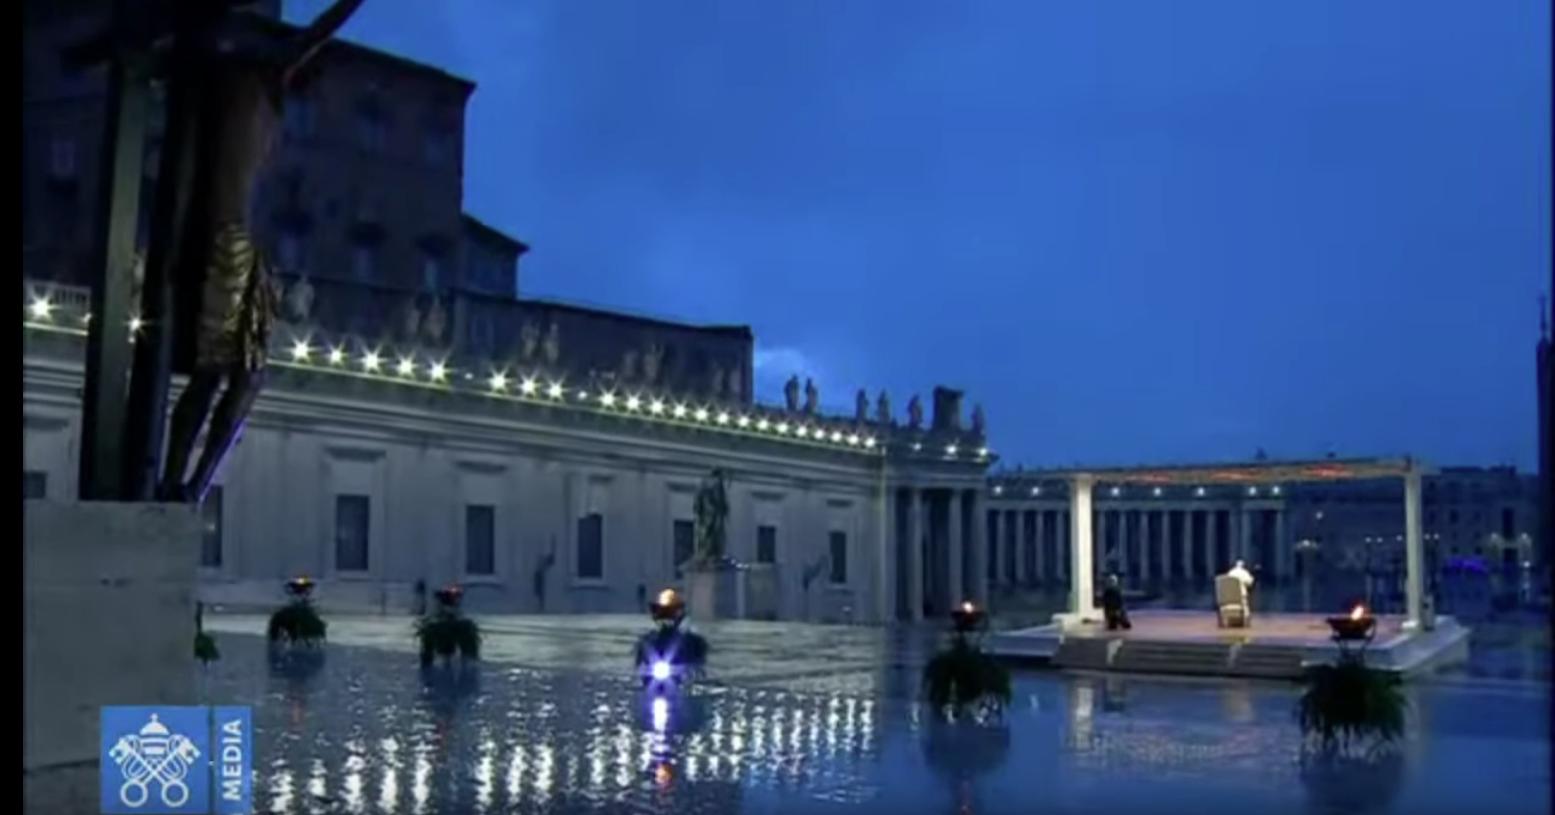 La foto raffigura un frame del video dell'indulgenza plenaria concessa da Papa Francesco. Vi si vede un campo lungo della piazza, che raffigura il crocifisso e il Papa sotto al baldacchino. Il papa si trova lungo la traiettoria della diagonale che si prolunga dal volto del Cristo.